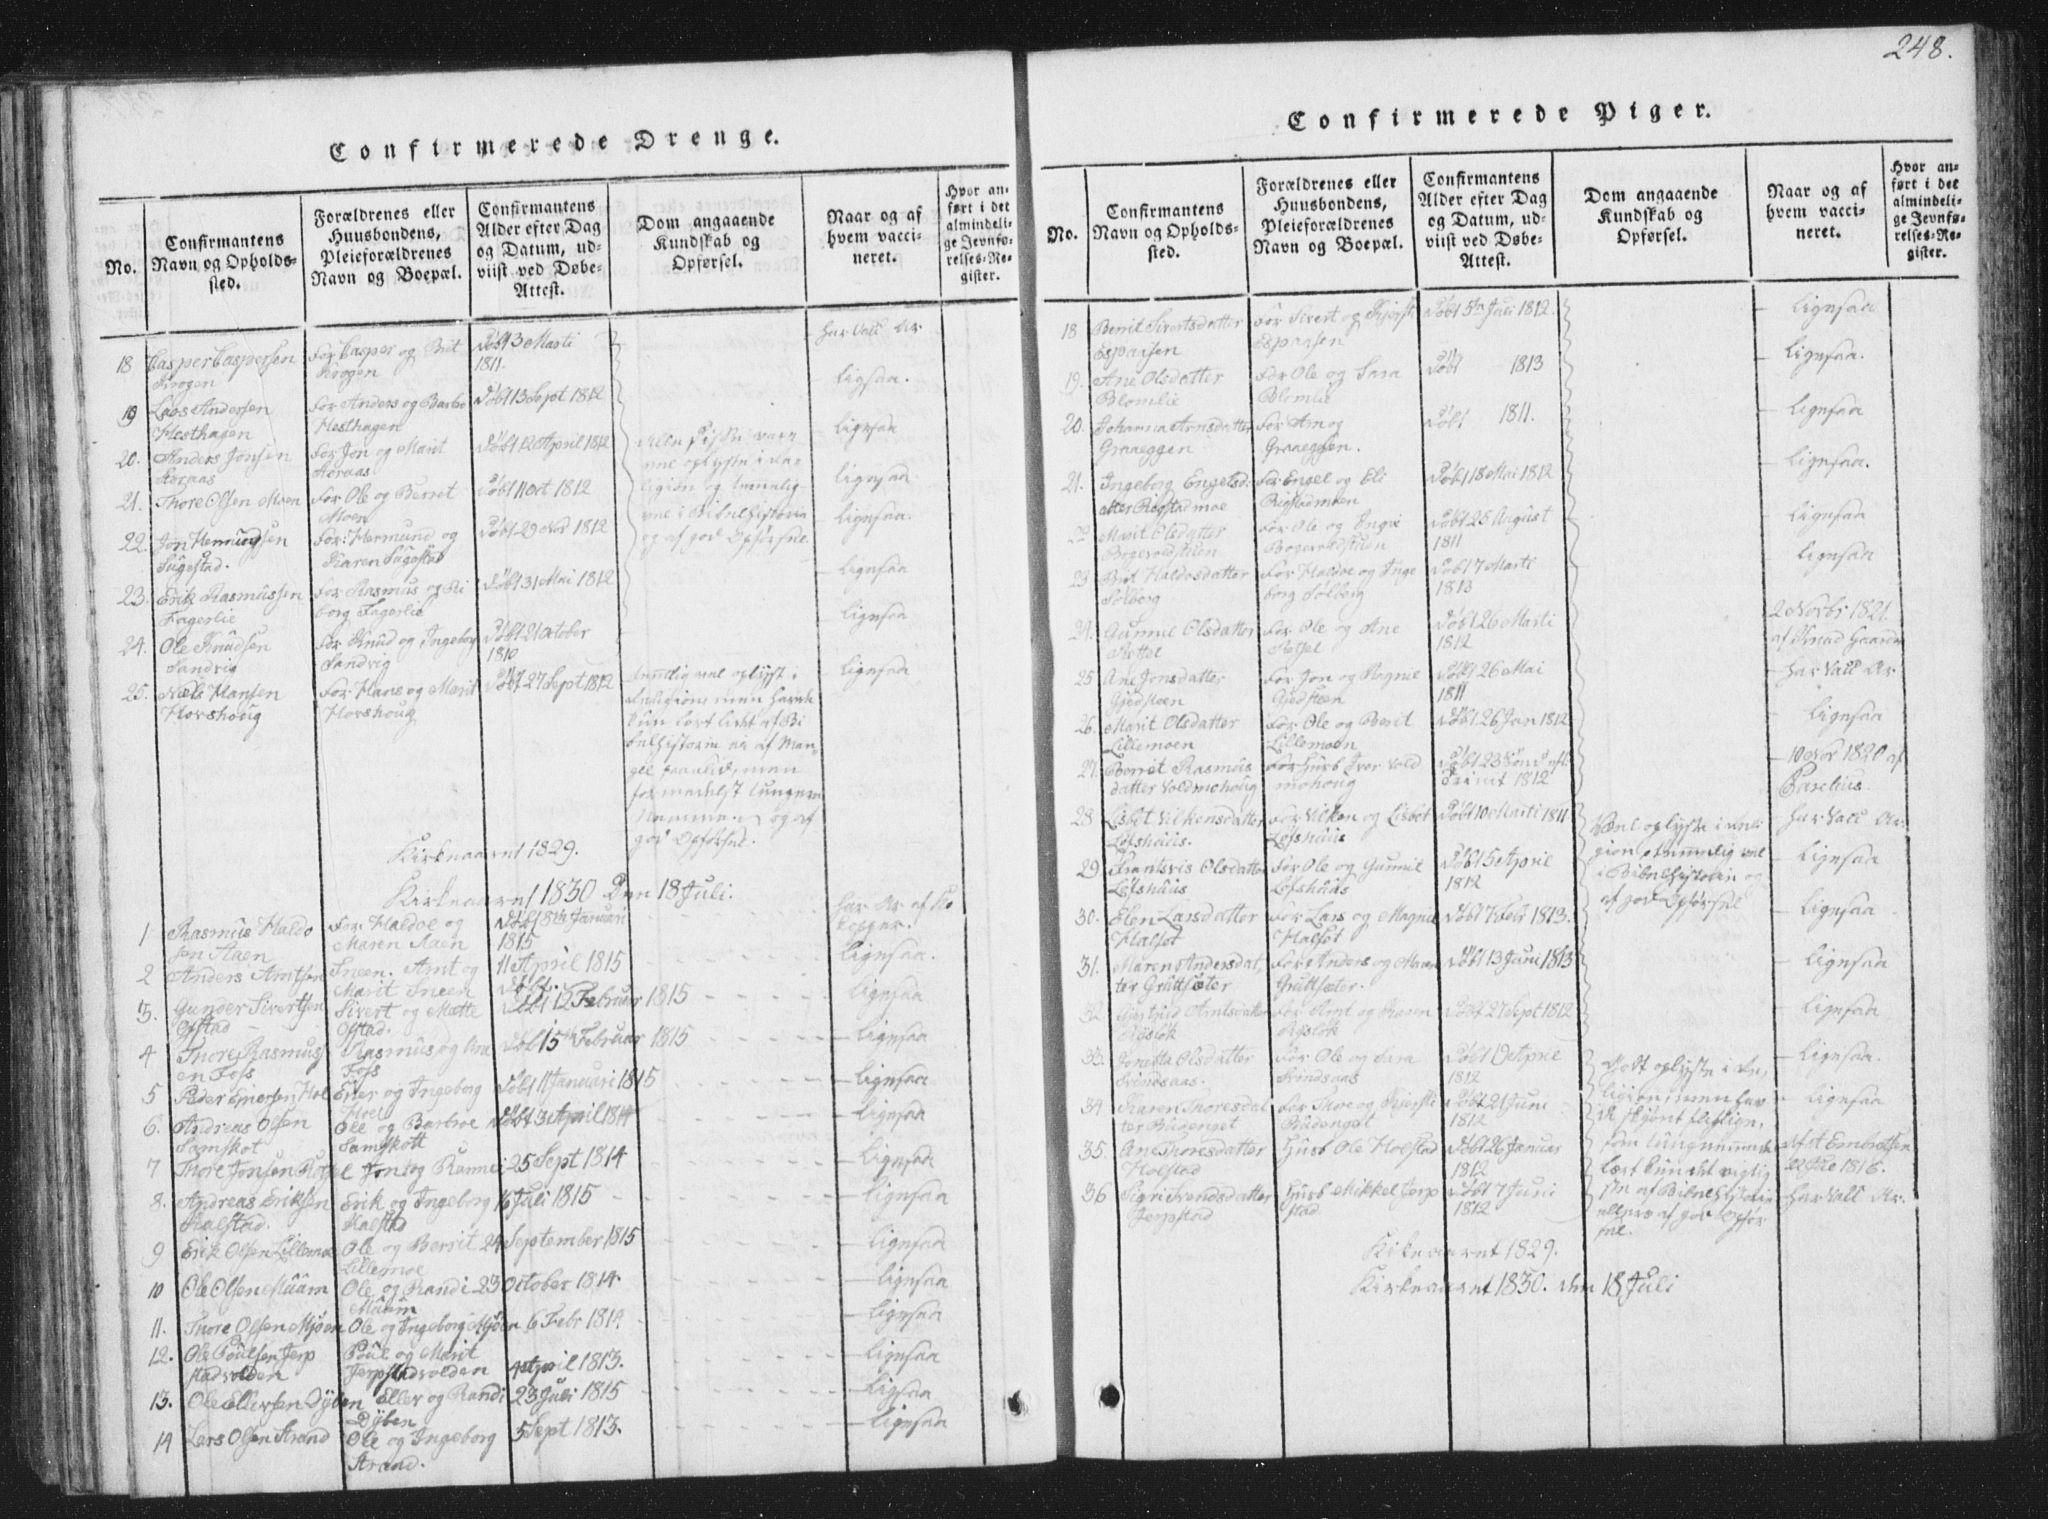 SAT, Ministerialprotokoller, klokkerbøker og fødselsregistre - Sør-Trøndelag, 672/L0862: Klokkerbok nr. 672C01, 1816-1831, s. 248